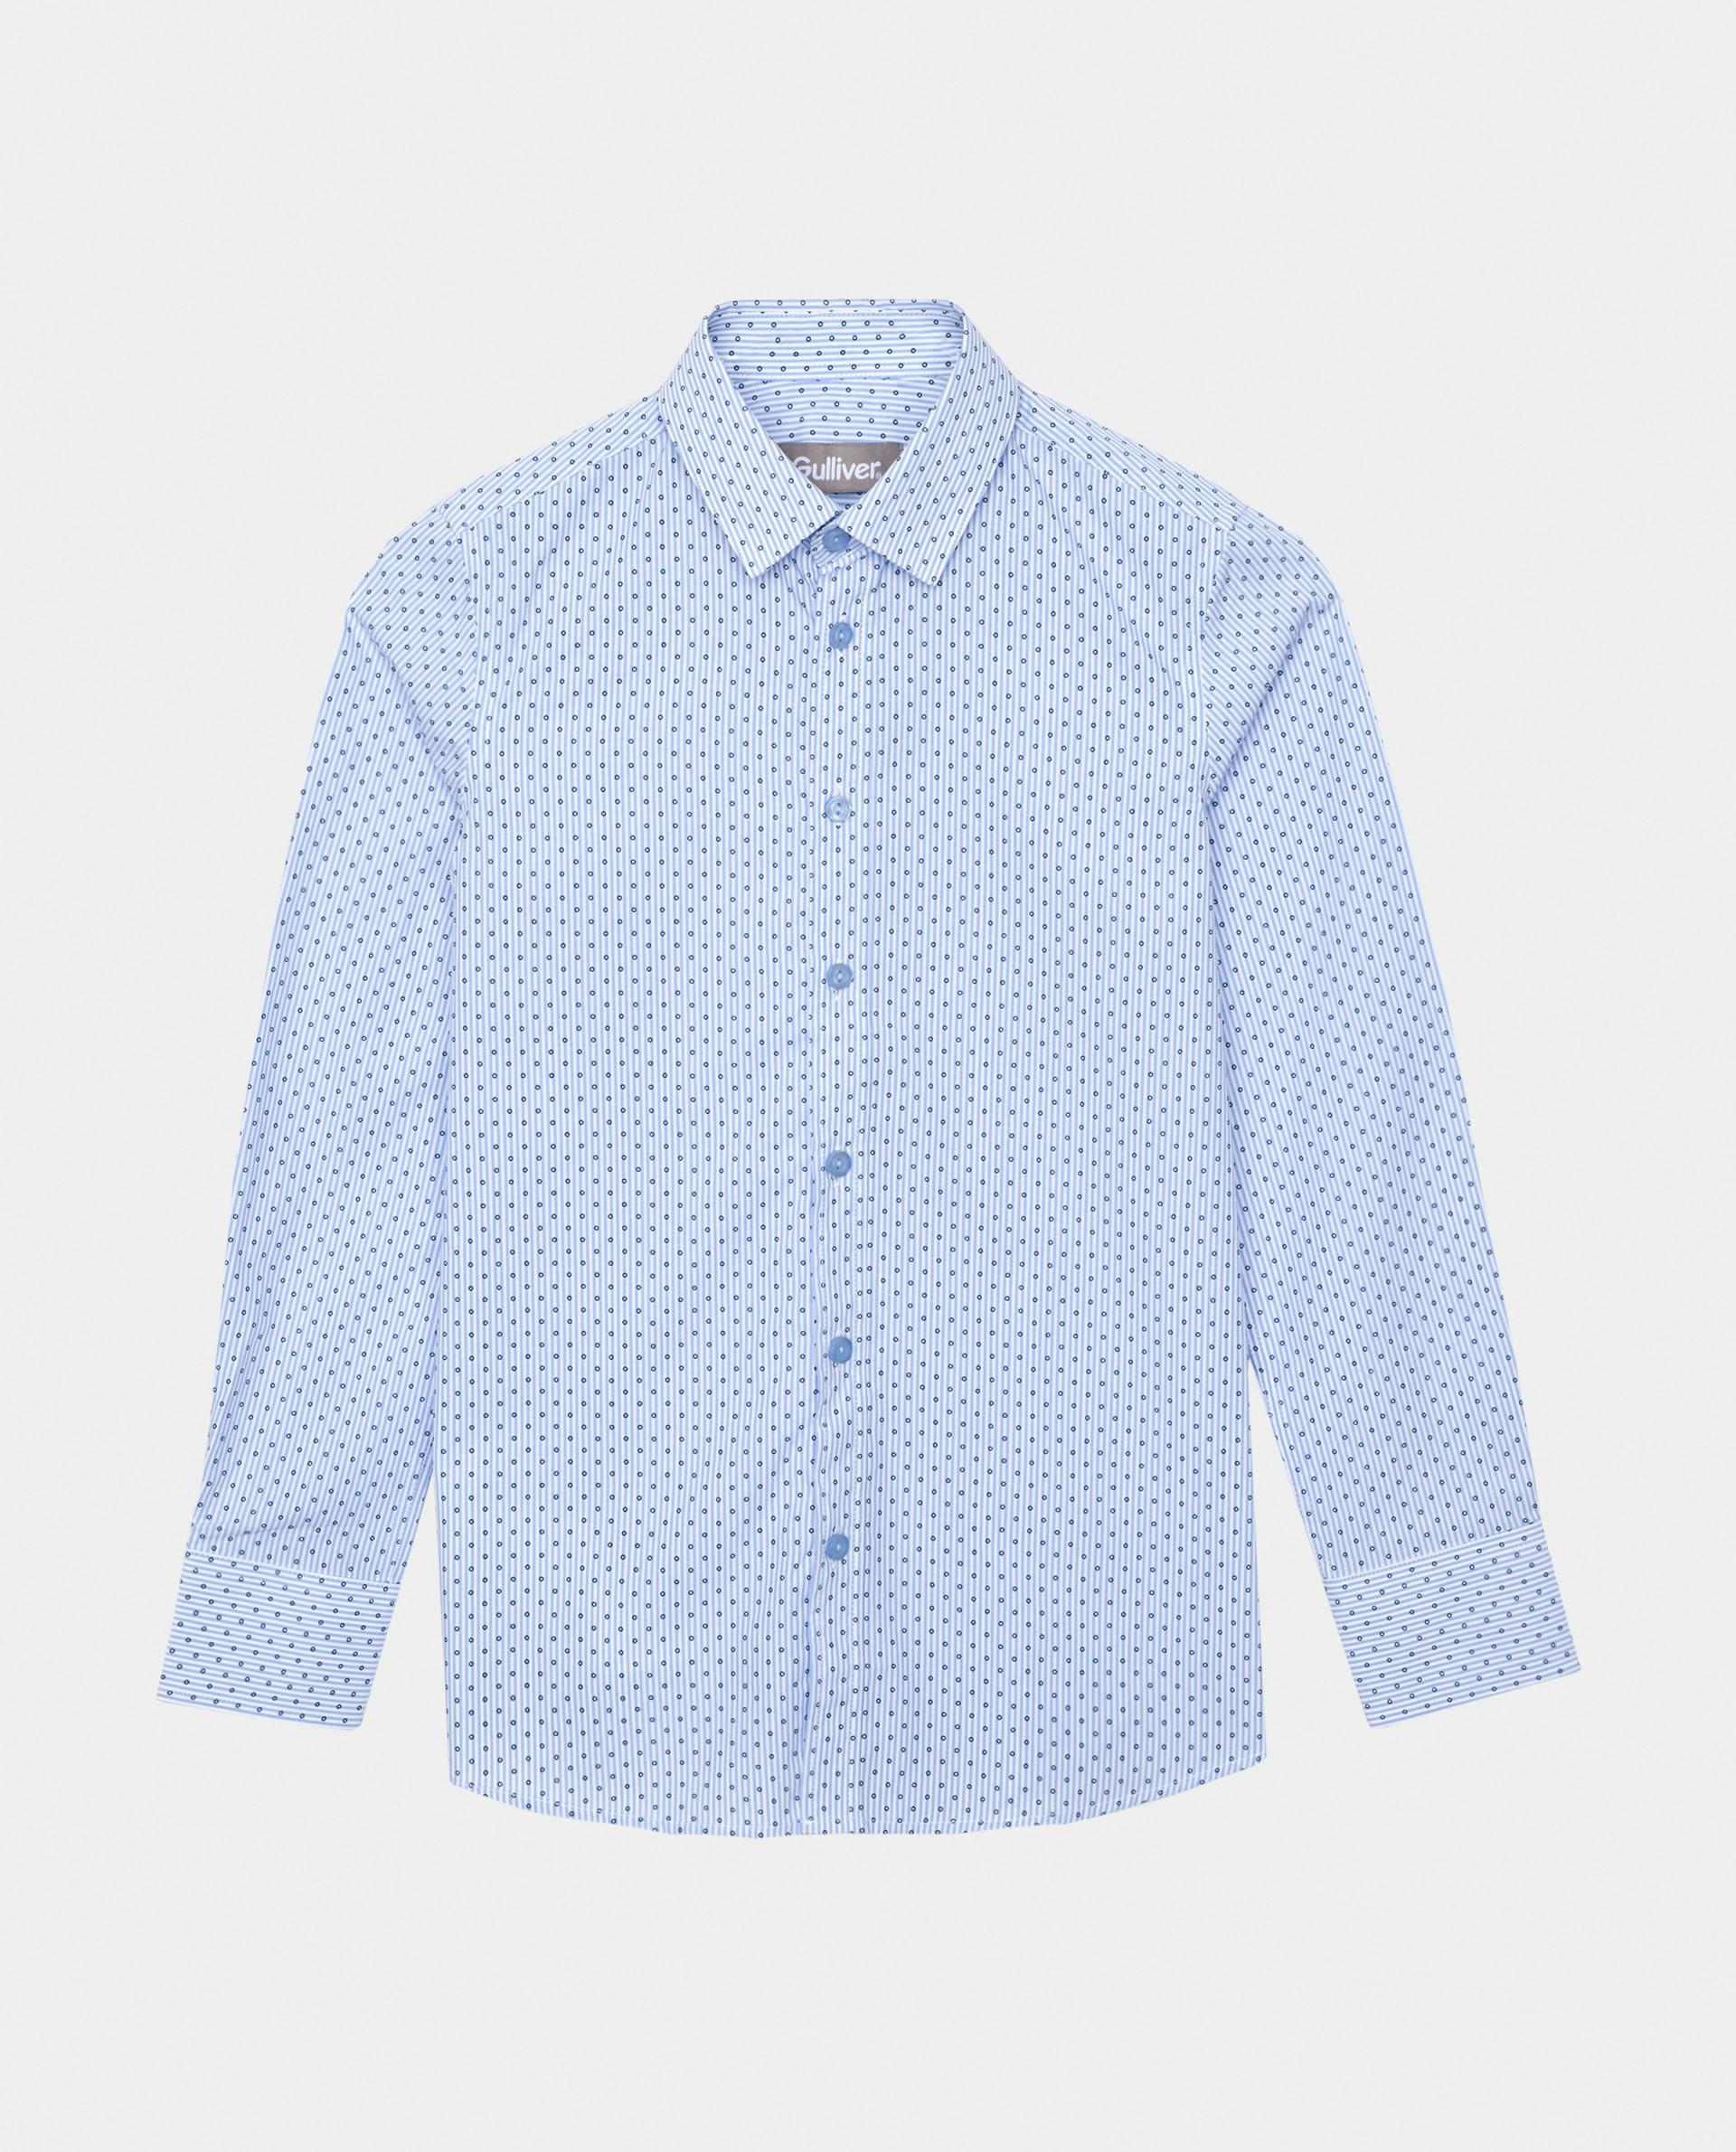 Голубая рубашка в горошек Gulliver, модель 220GSBC2301, р. 152